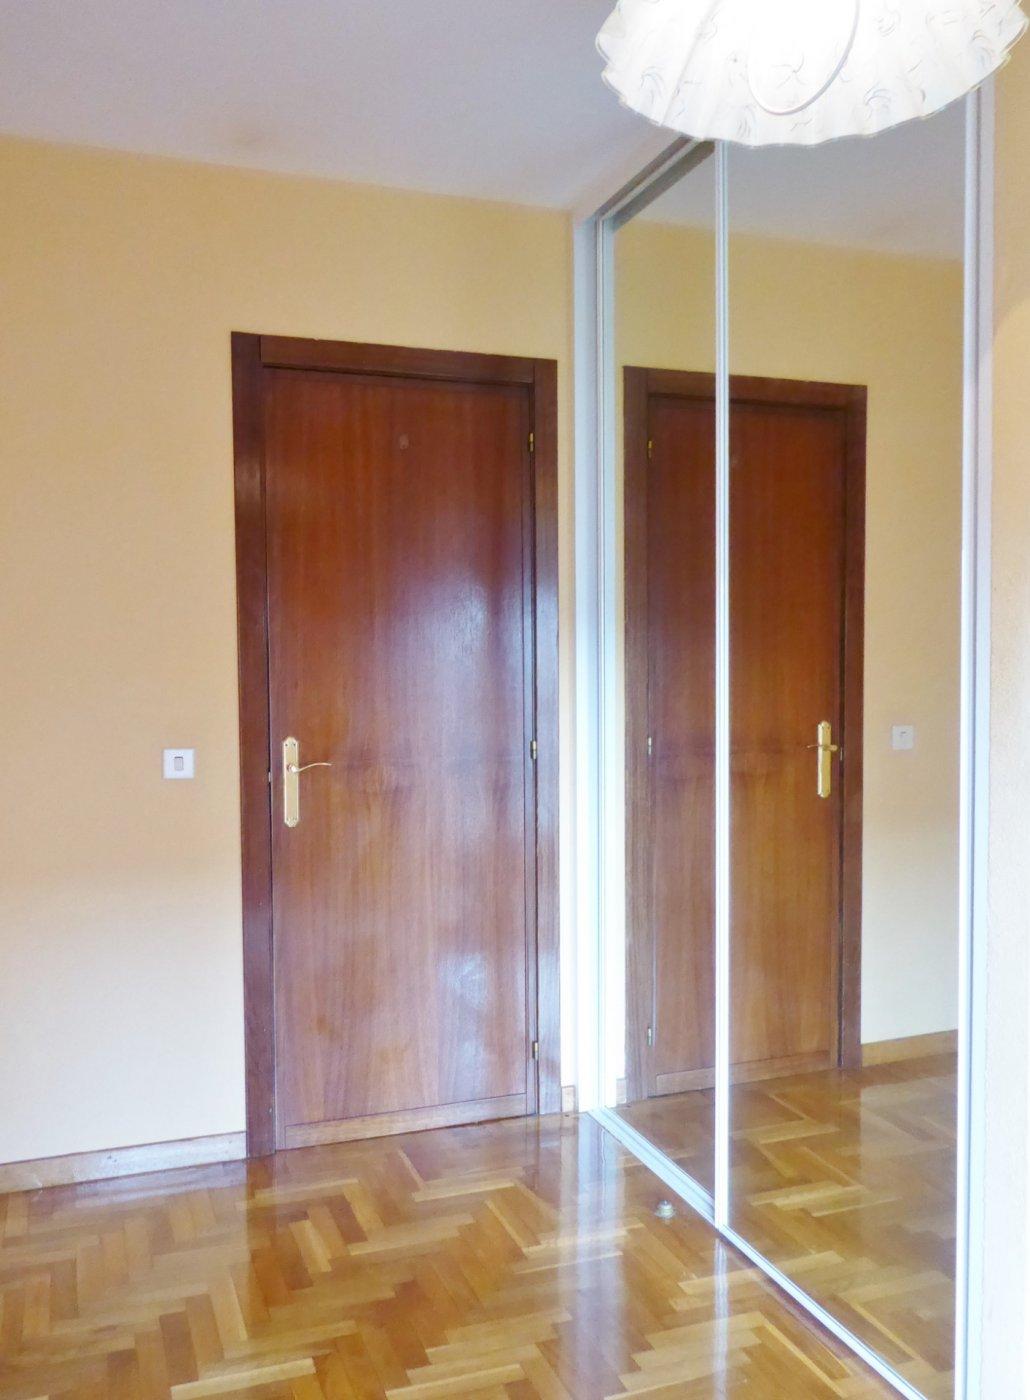 Alquiler de piso en gijon - imagenInmueble12